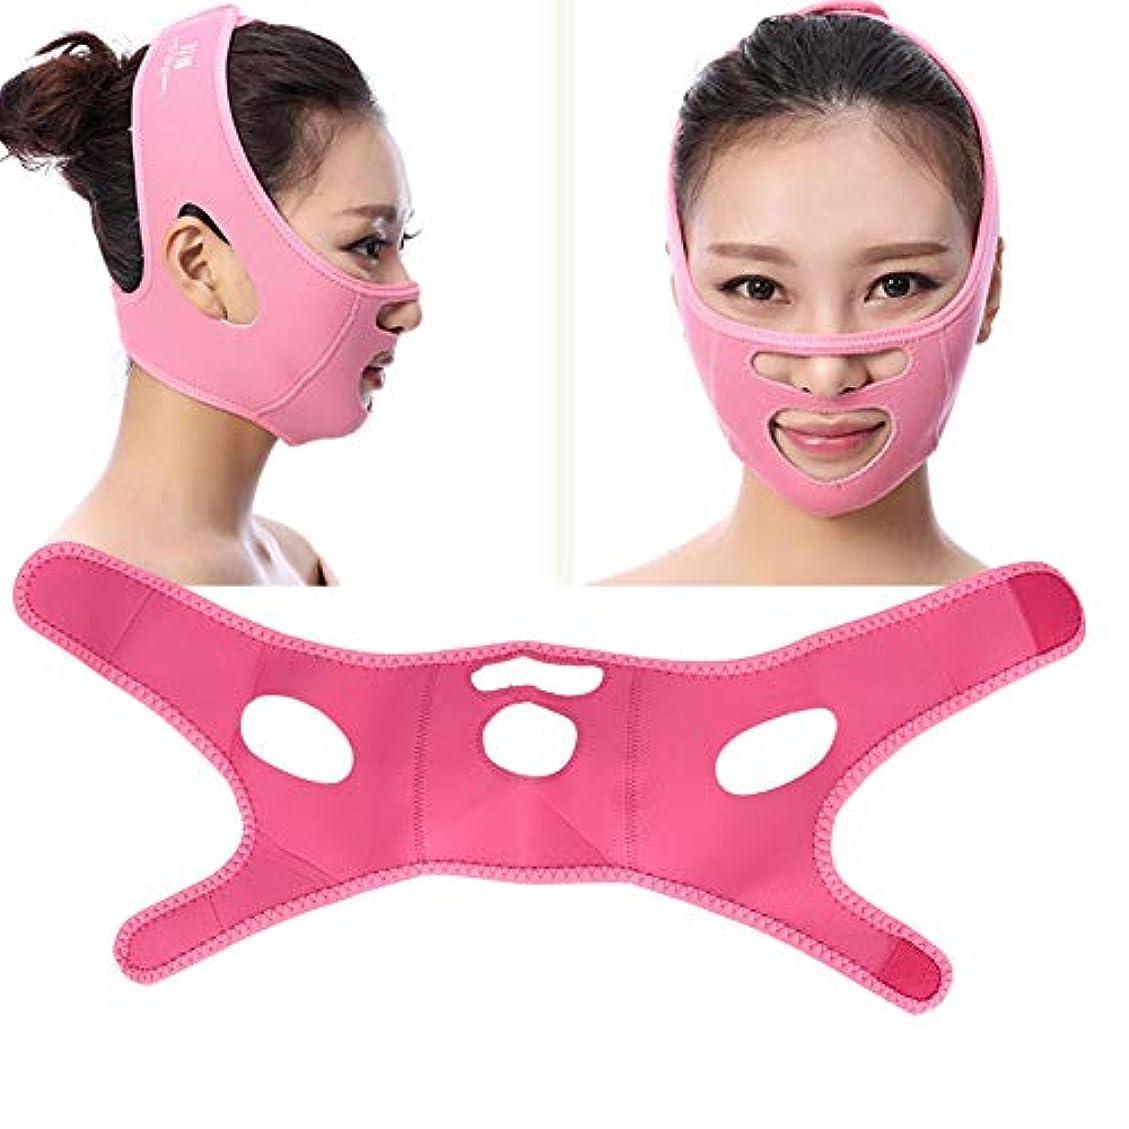 野なソブリケット批判的スリミングマスク - V字型マスク、フェイスマスクV型 - 首とあごを持ち上げるため、アンチエイジング、しわを軽減